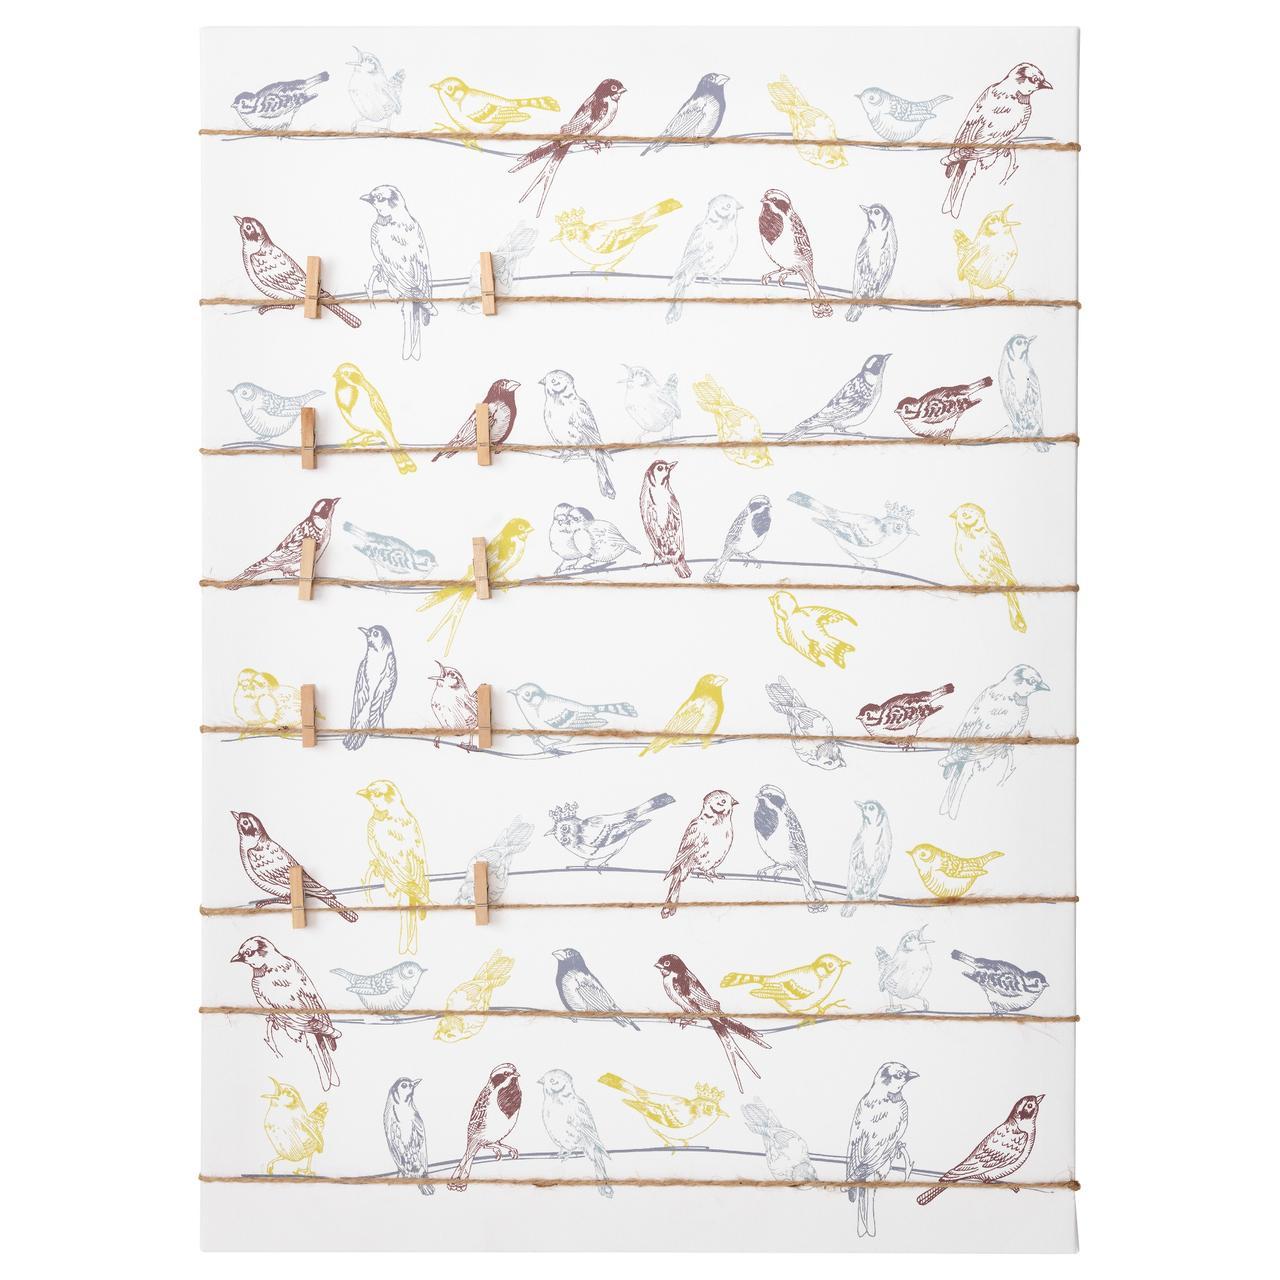 ПЬЕТТЕРИД Картина, птицы